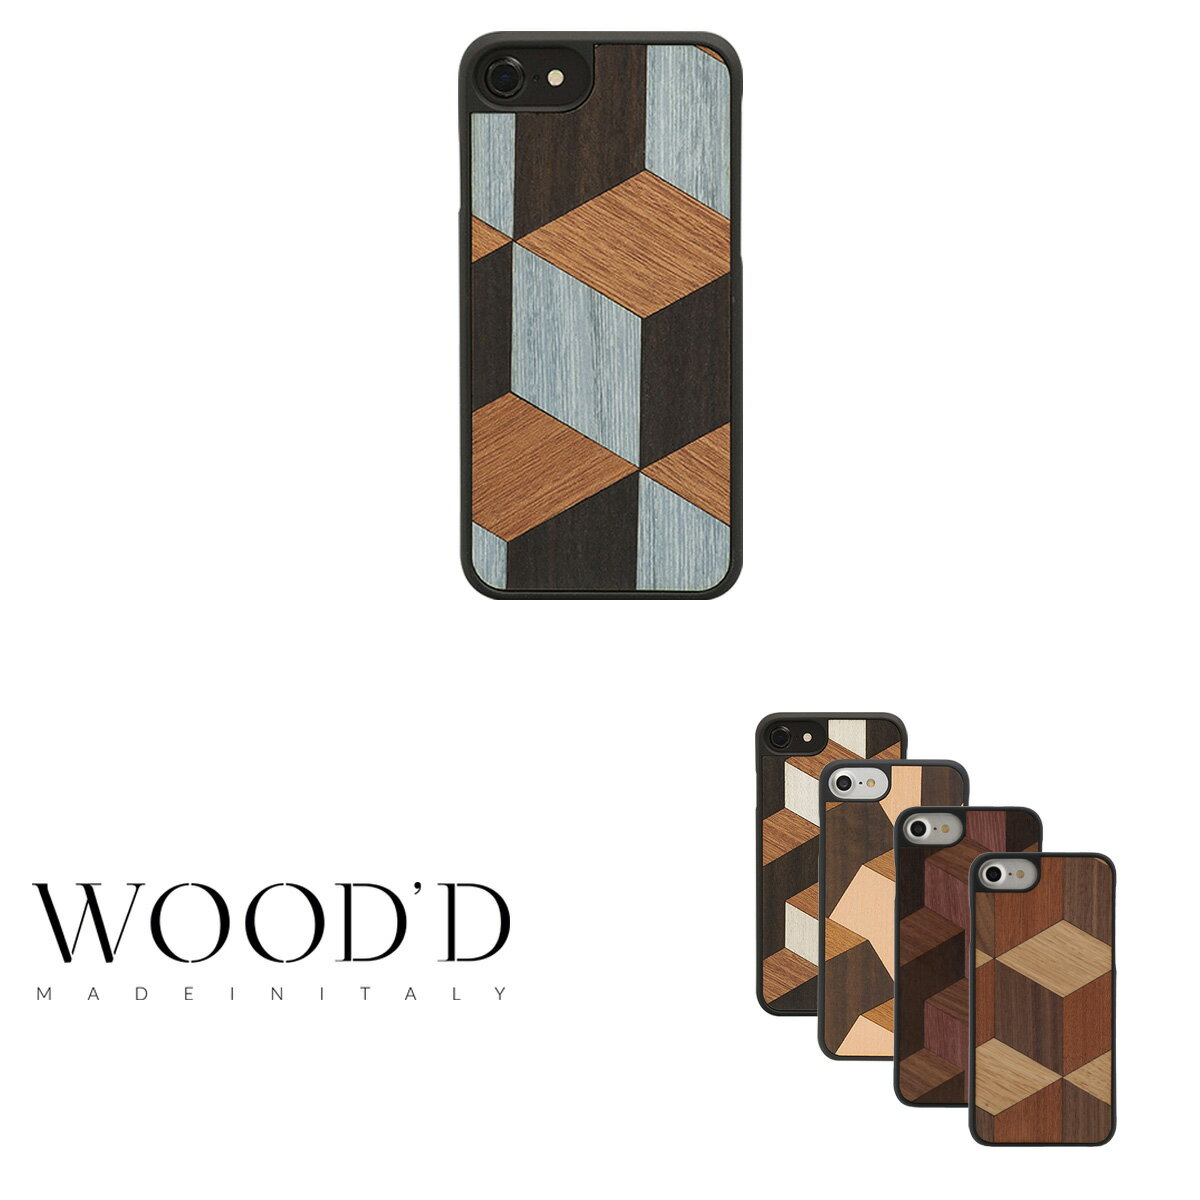 ウッド Wood'd iPhone8 iPhone7 iPhone6 ケース Real wood Snap-on covers GEOMETRIC 【 アイフォン スマホケース スマートフォン カバー 木製 ハンドメイド イタリア製 】【即日発送】